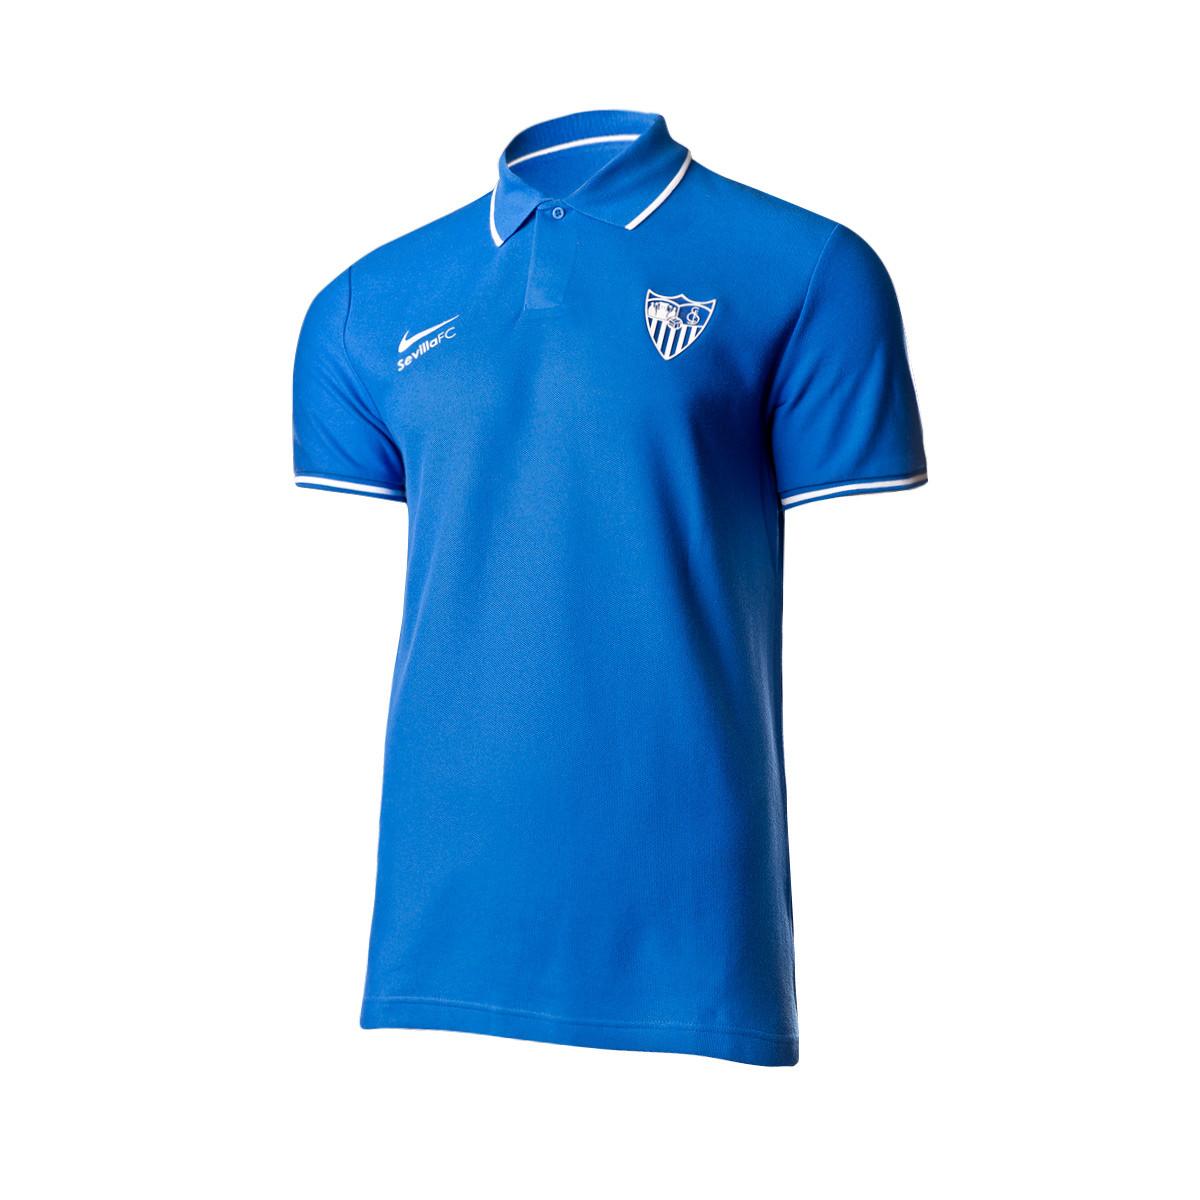 envío complementario la mejor calidad para nueva productos Polo shirt Nike Sevilla FC Paseo 2019-2020 Blue - Football store ...